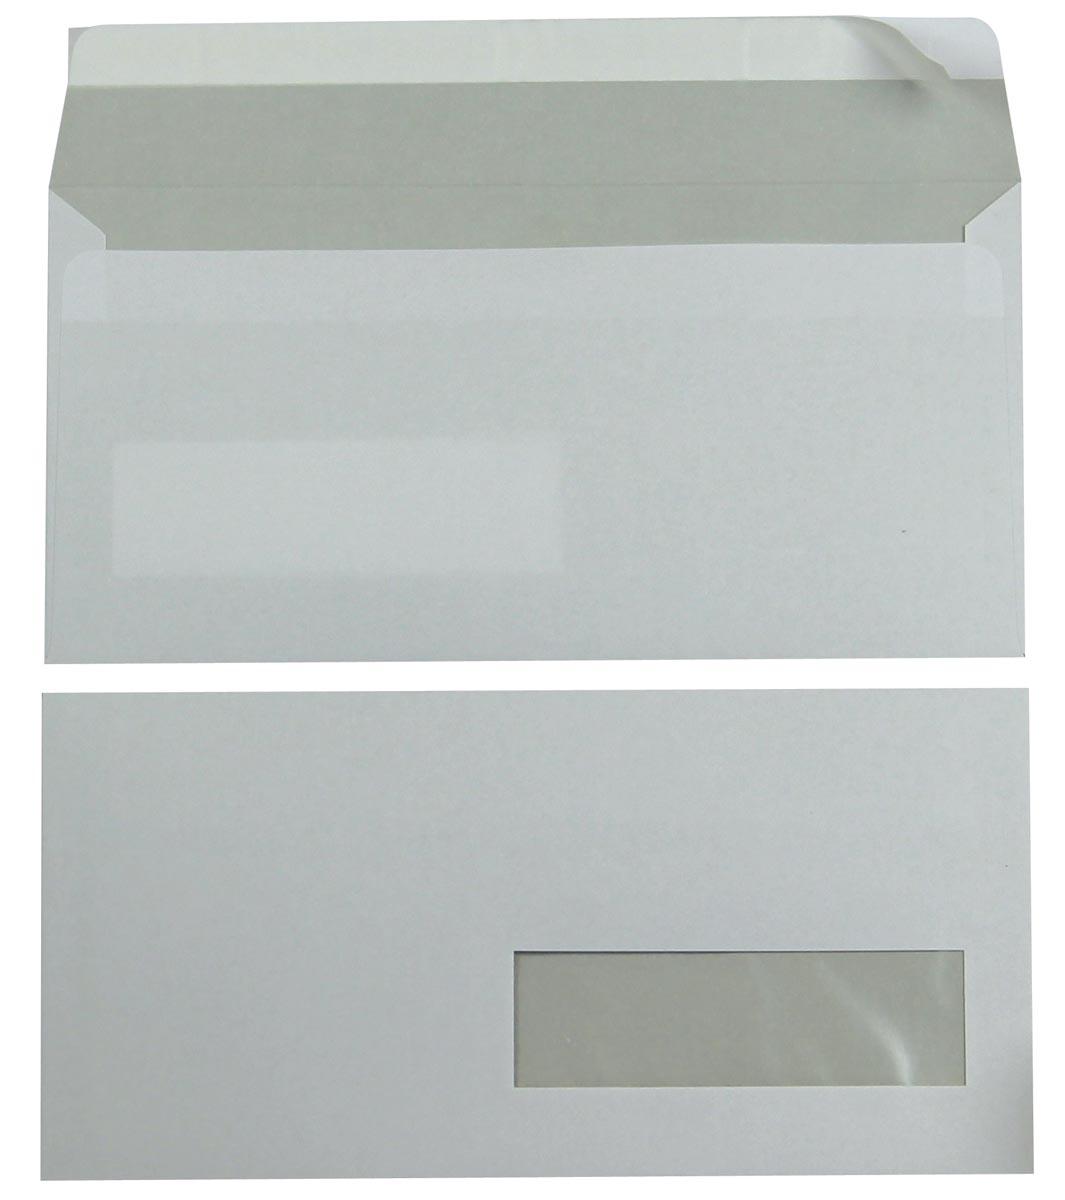 Bong enveloppen ft 110 x 220 mm, venster rechts, met stripsluiting, doos van 500 stuks